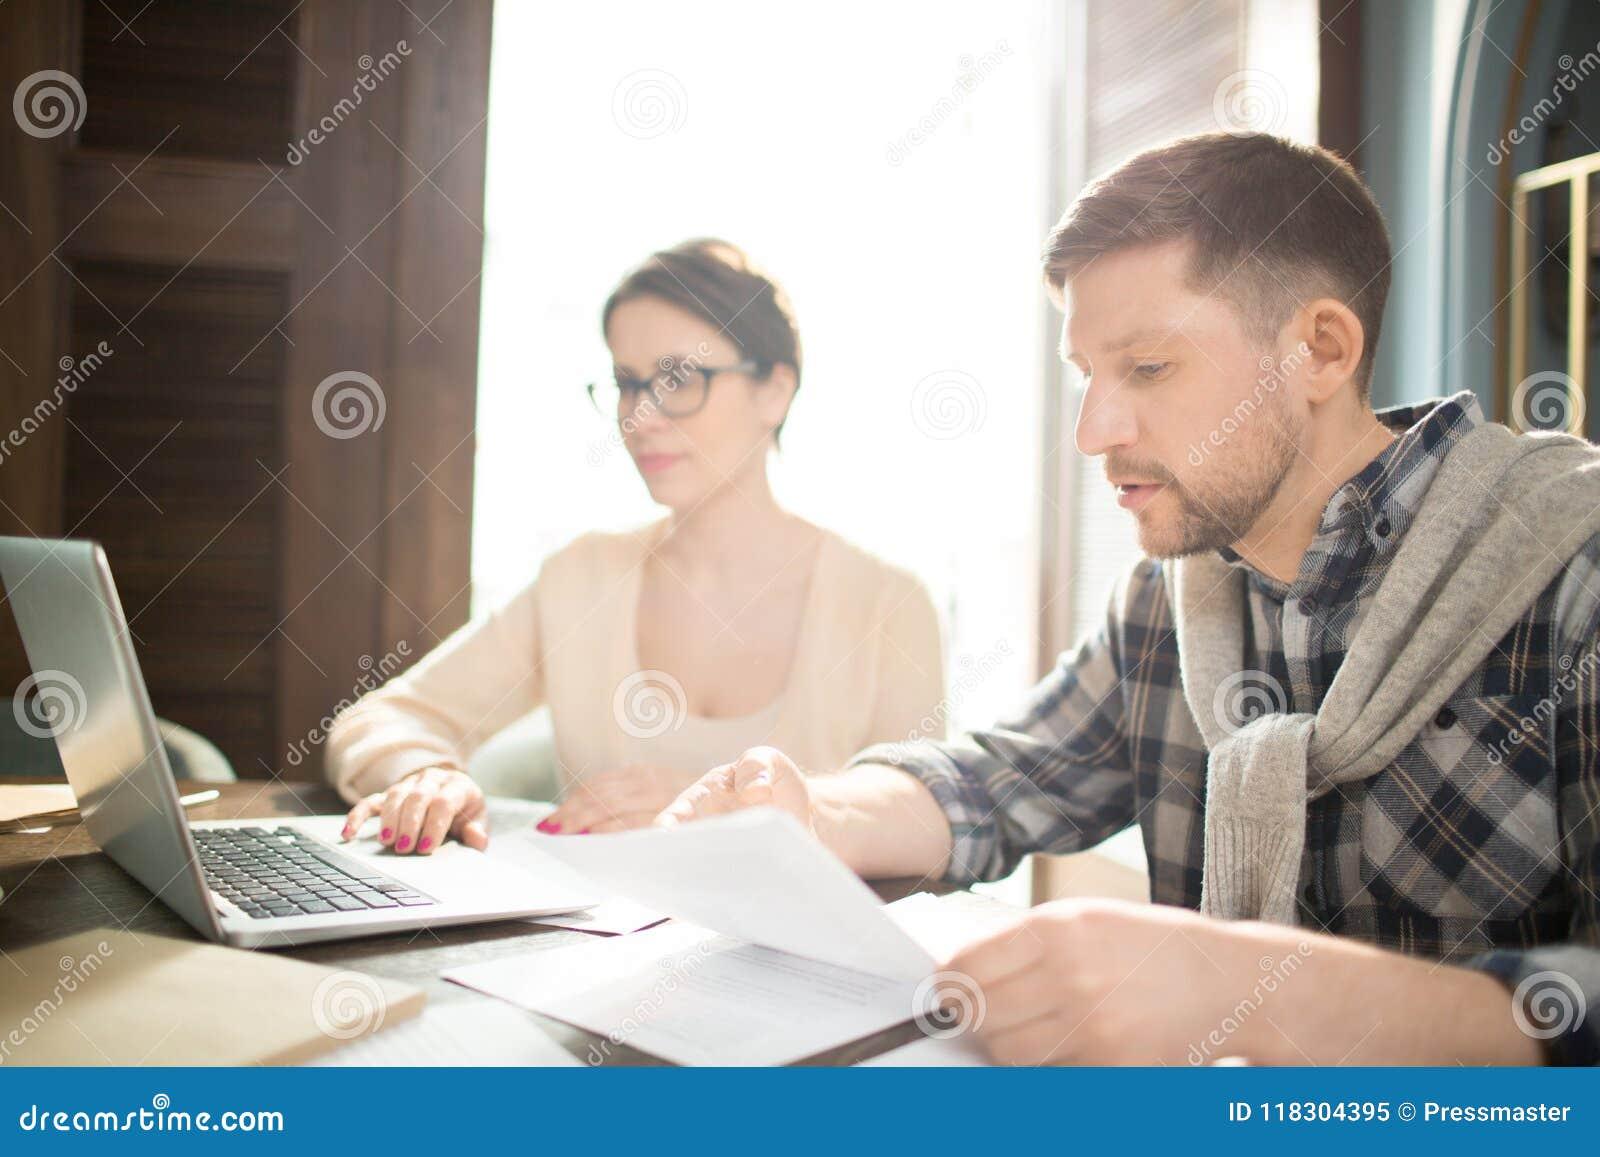 Чтение человека завертывает в бумагу около женщины с компьтер-книжкой